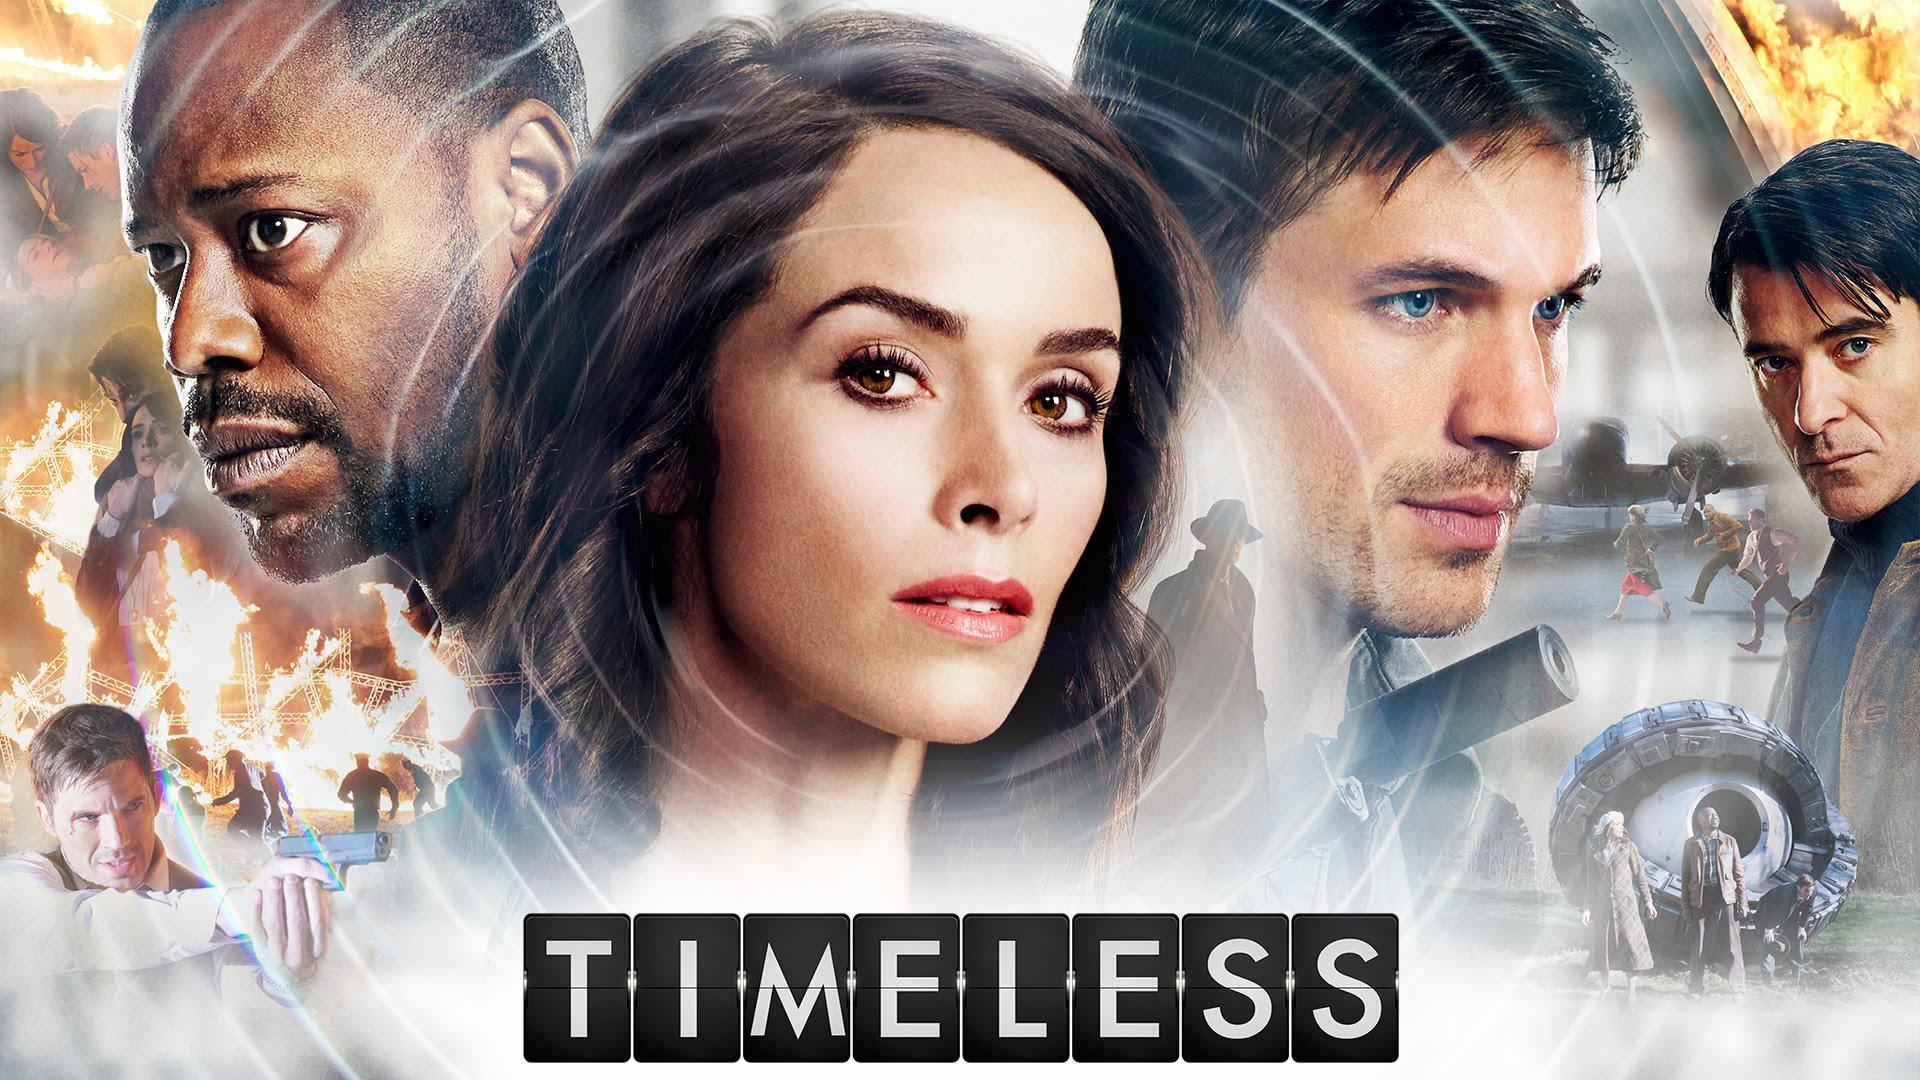 When Does Timeless Season 2 Start? Premiere Date